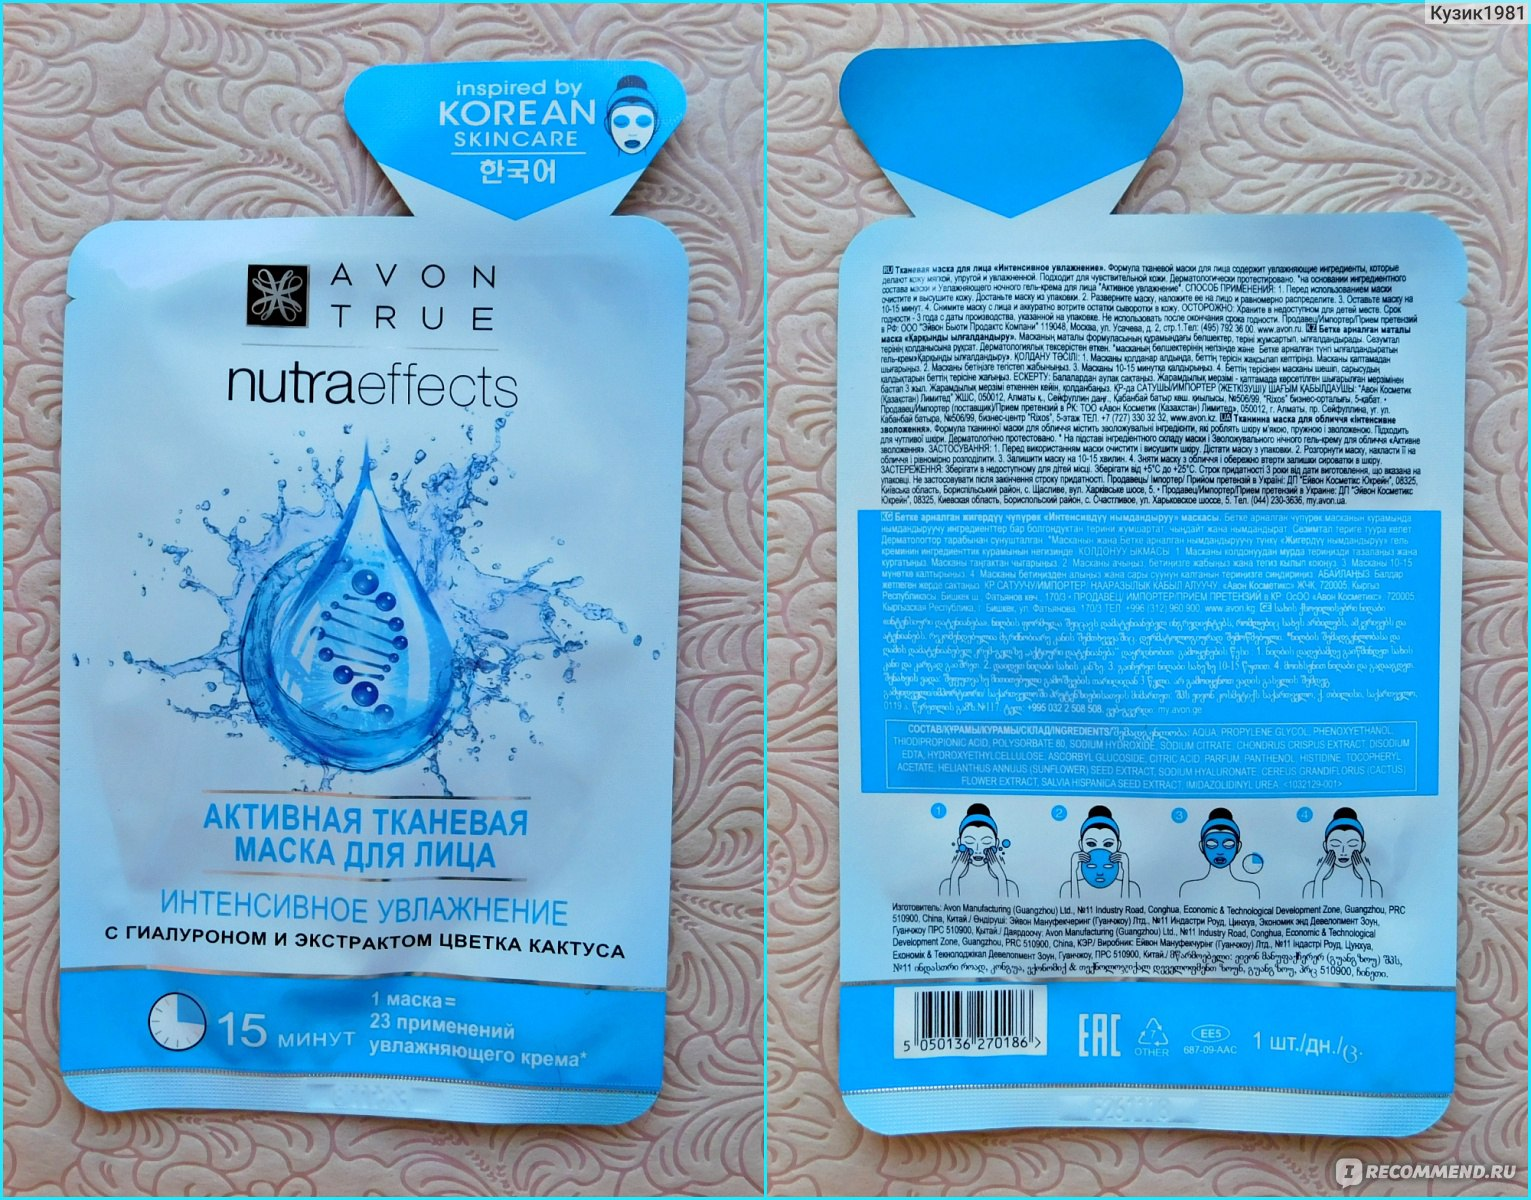 Тканевая маска для лица эйвон косметика skin watchers купить